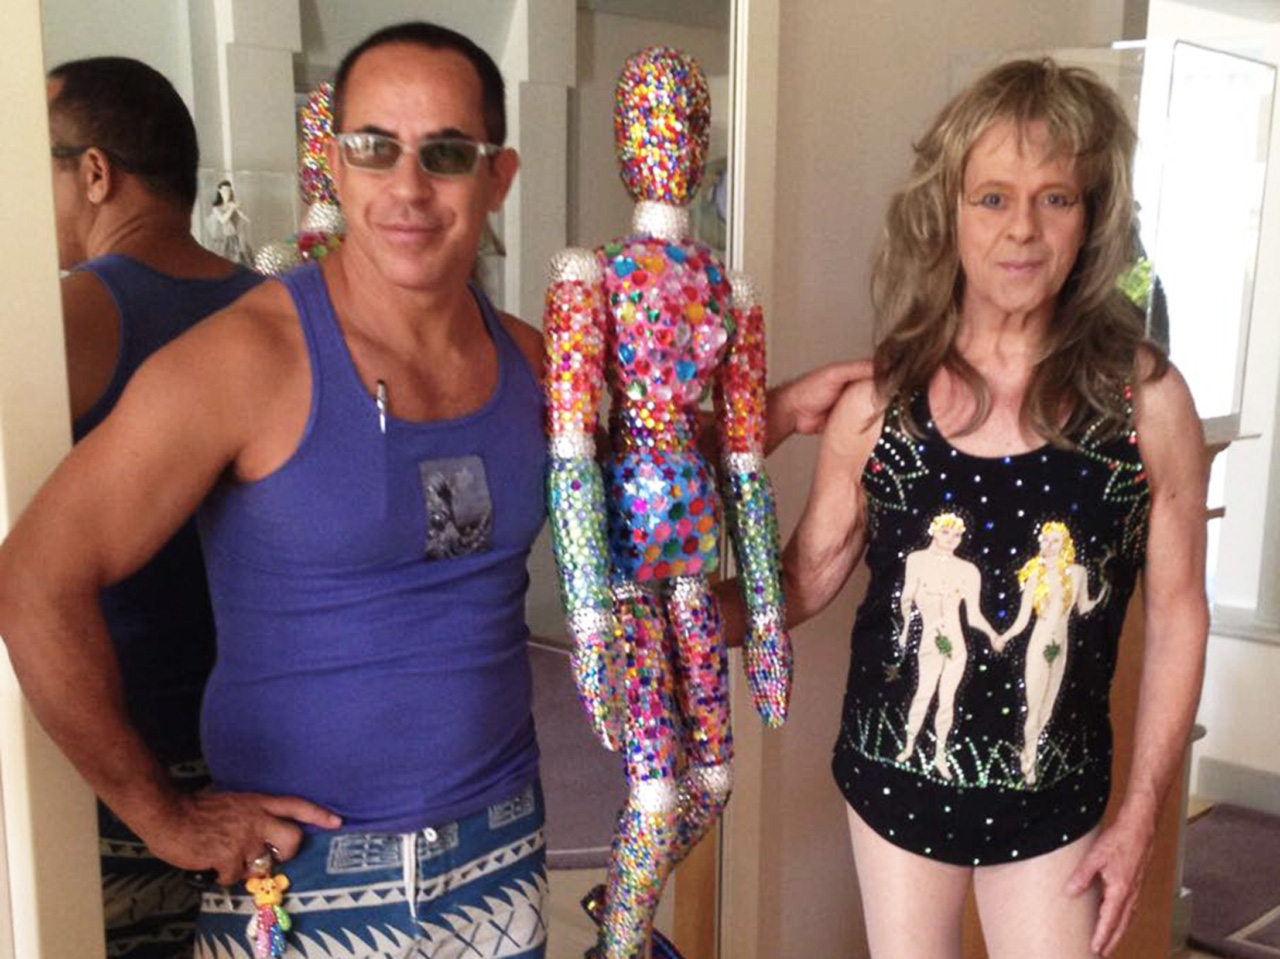 Mauro Oliveira com a obra que ele deu de presente a Simmons (montado como drag queen, à direita), no seu aniversário de 65 anos. A estátua é composta de três mil cristais, representando as pessoas que ele ajudou em sua carreira